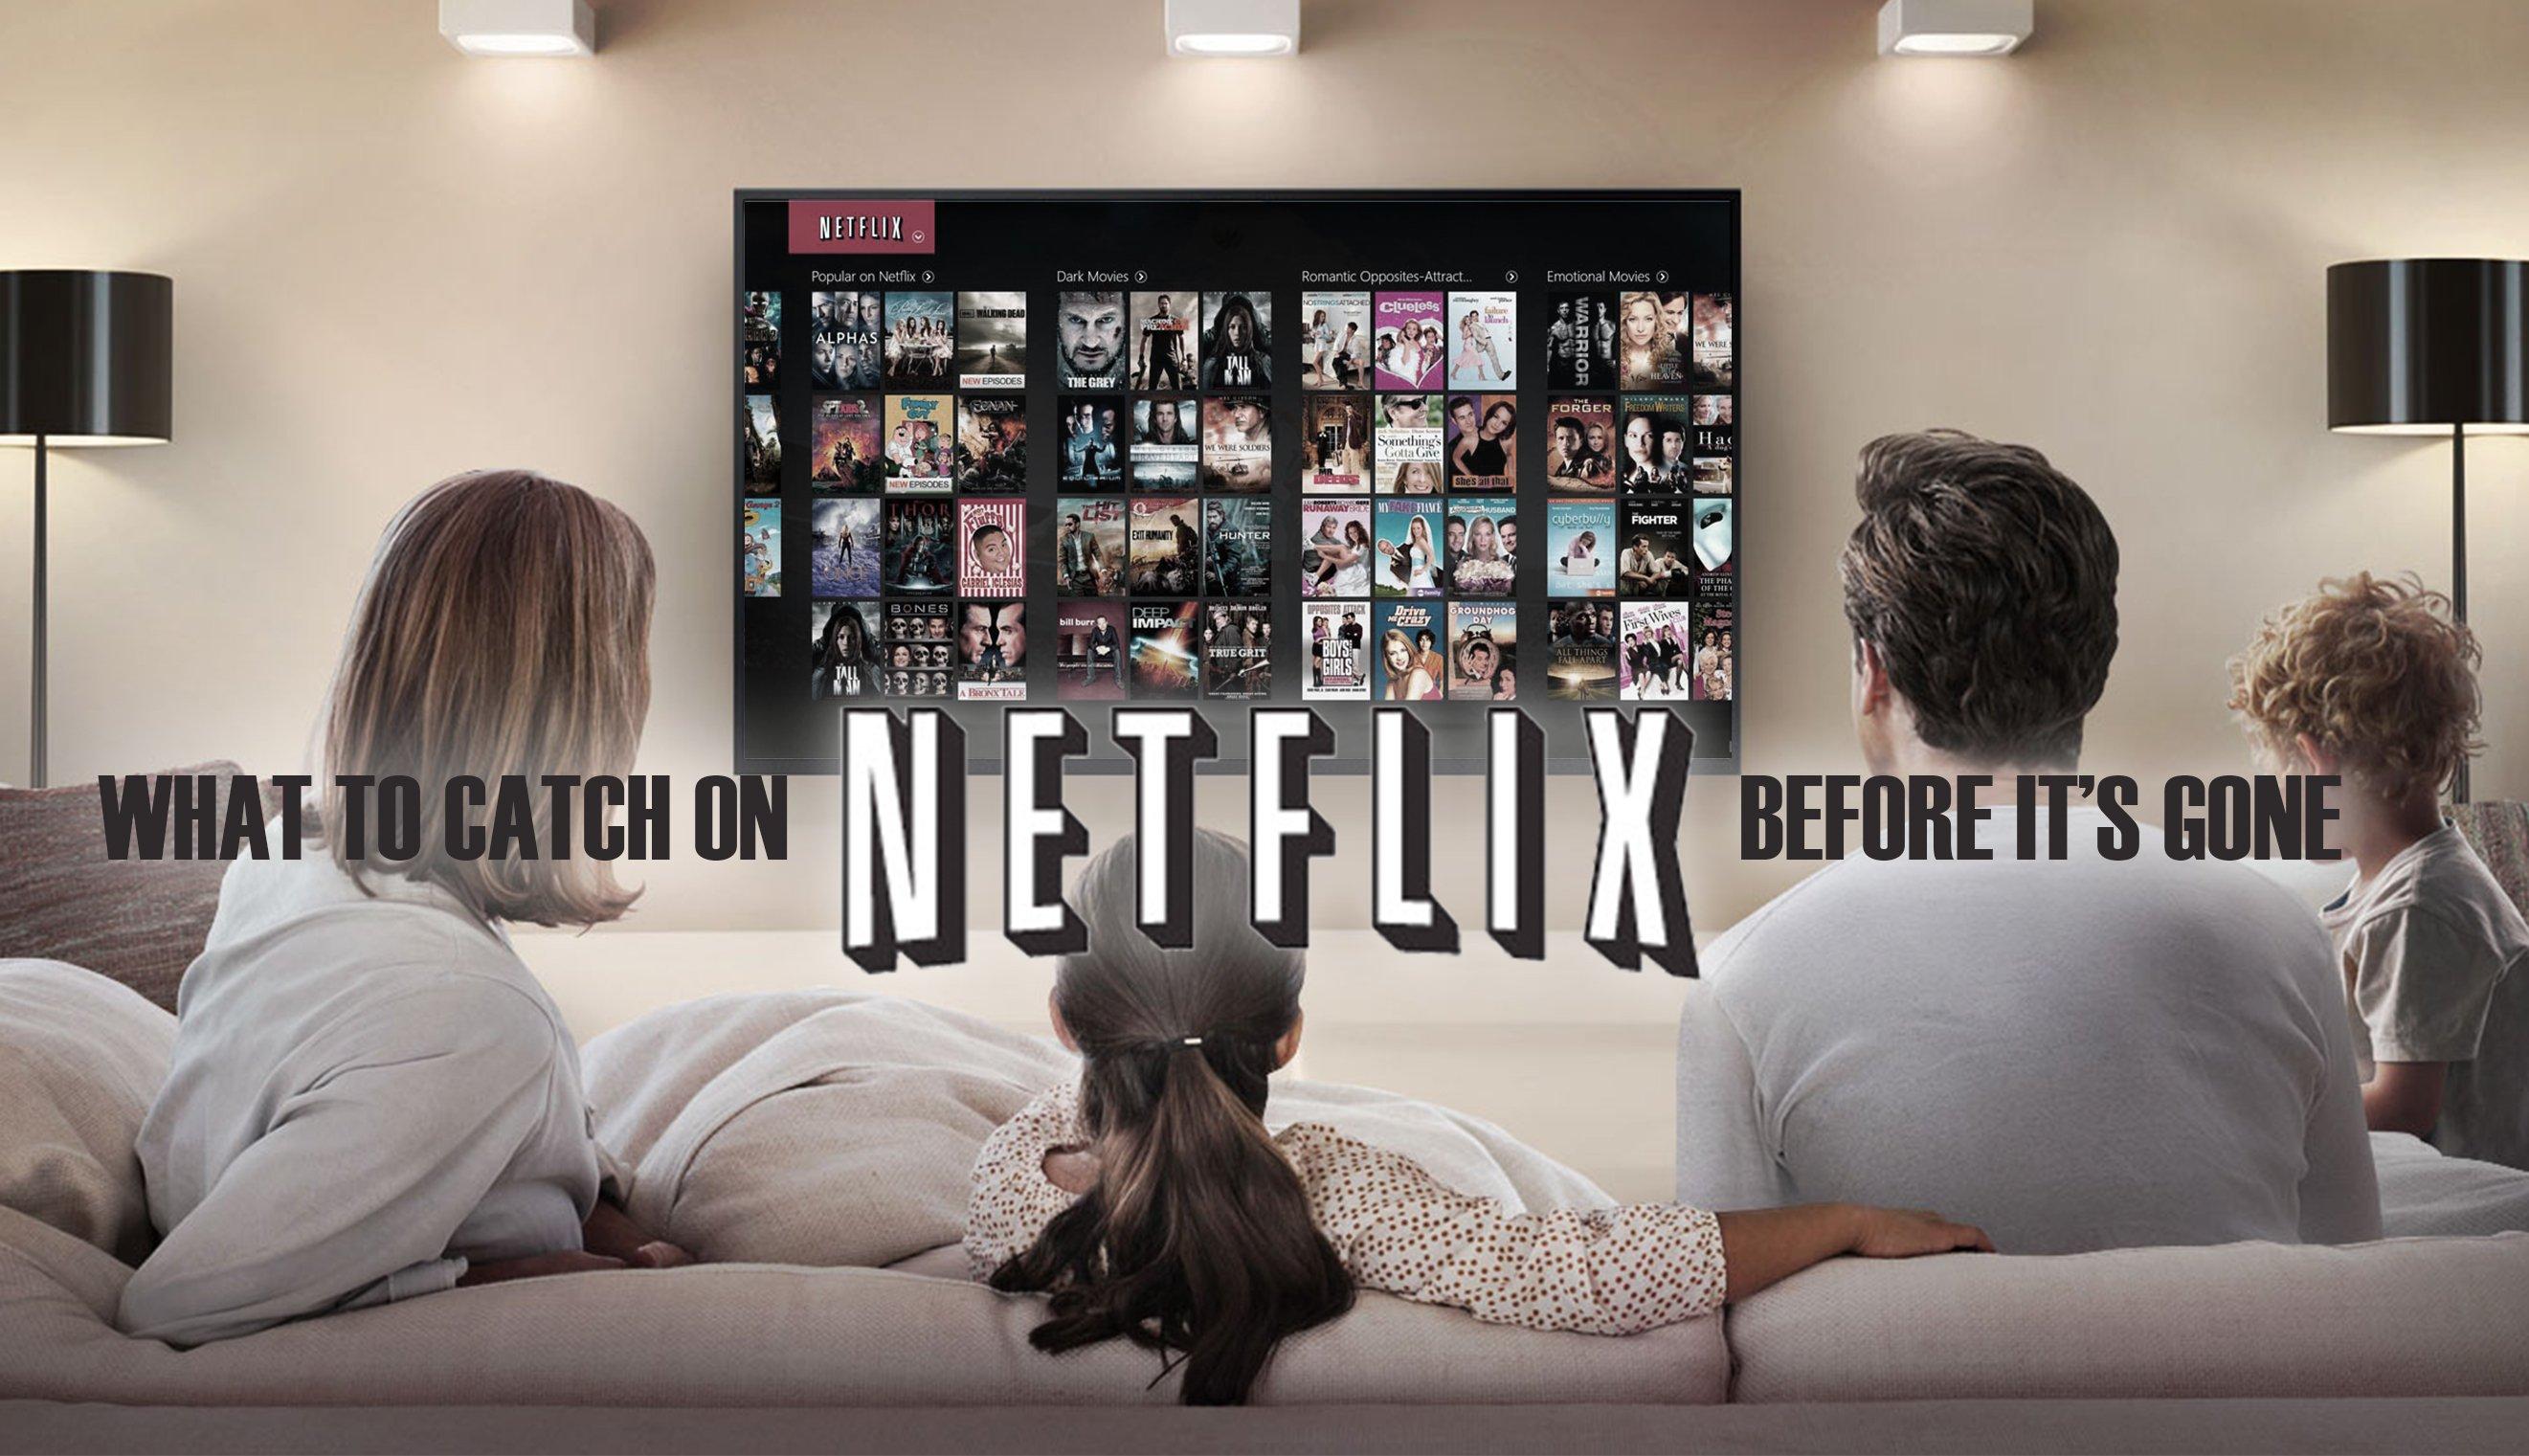 Netflixgone